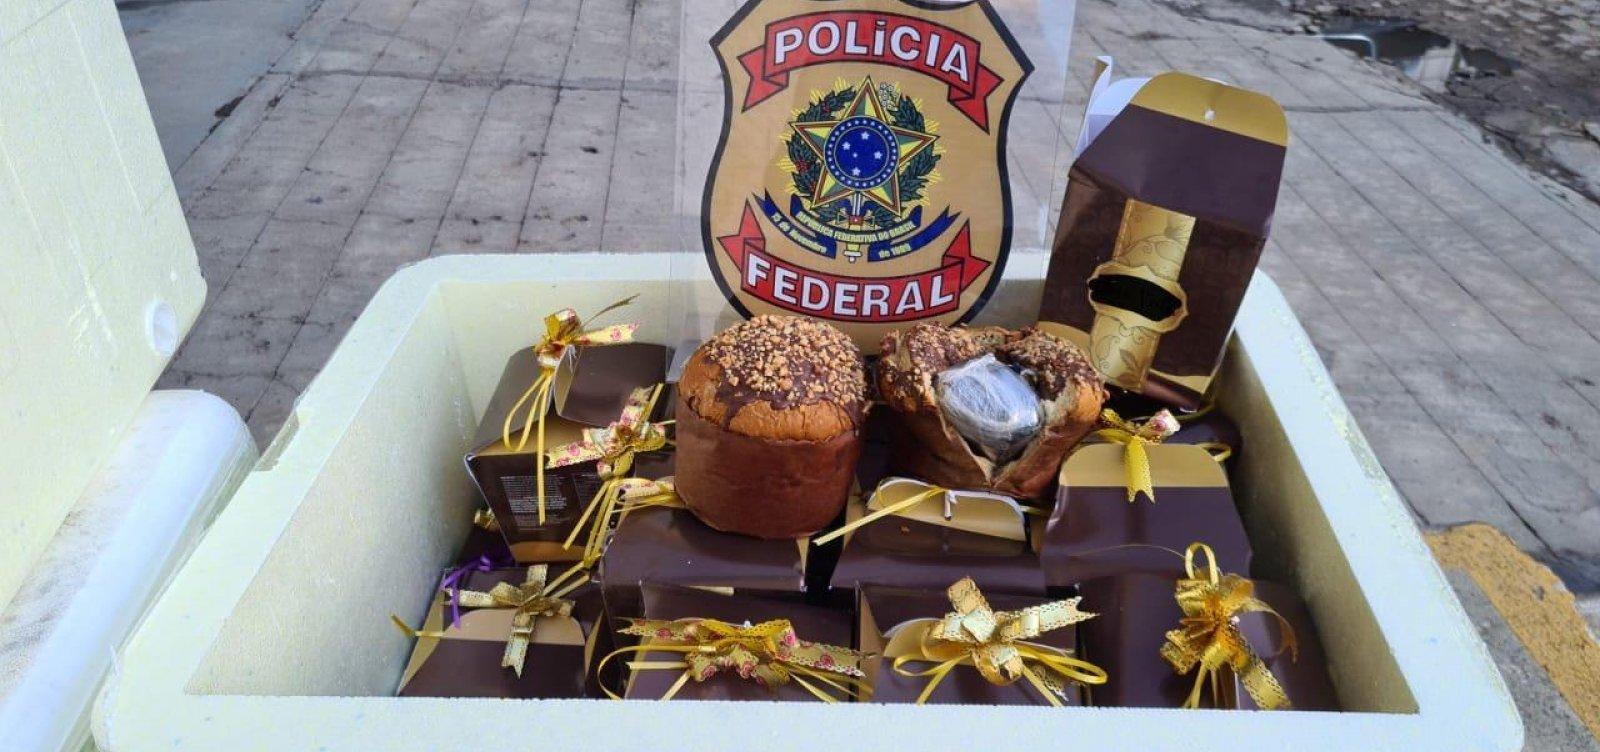 Polícia Federal apreende carga de panetone recheada com 10 kg de 'super maconha'